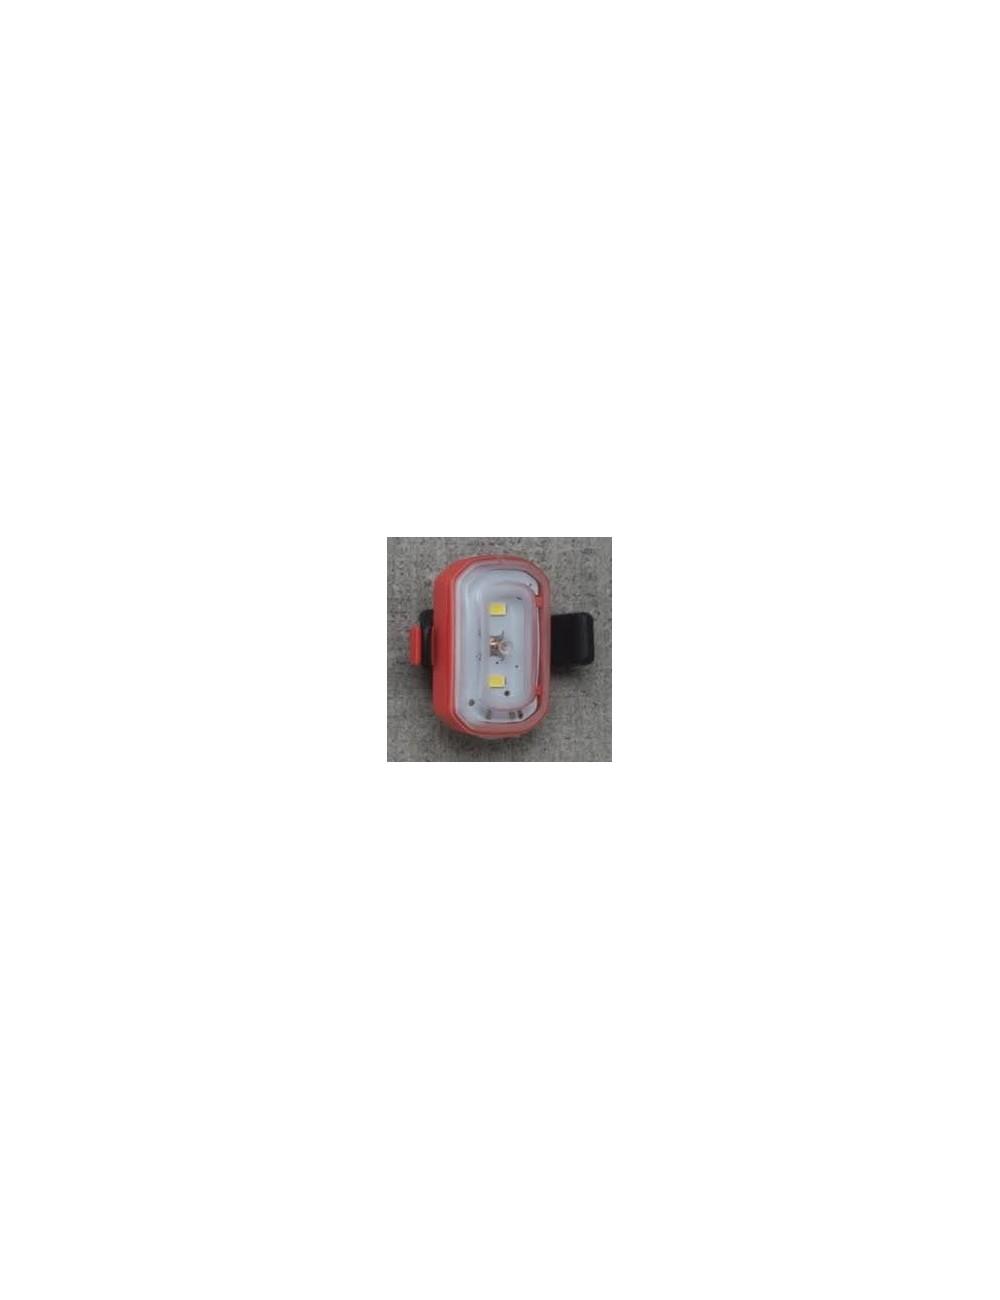 LUZES BLACKBURN CLICK USB FRENTE - 2019